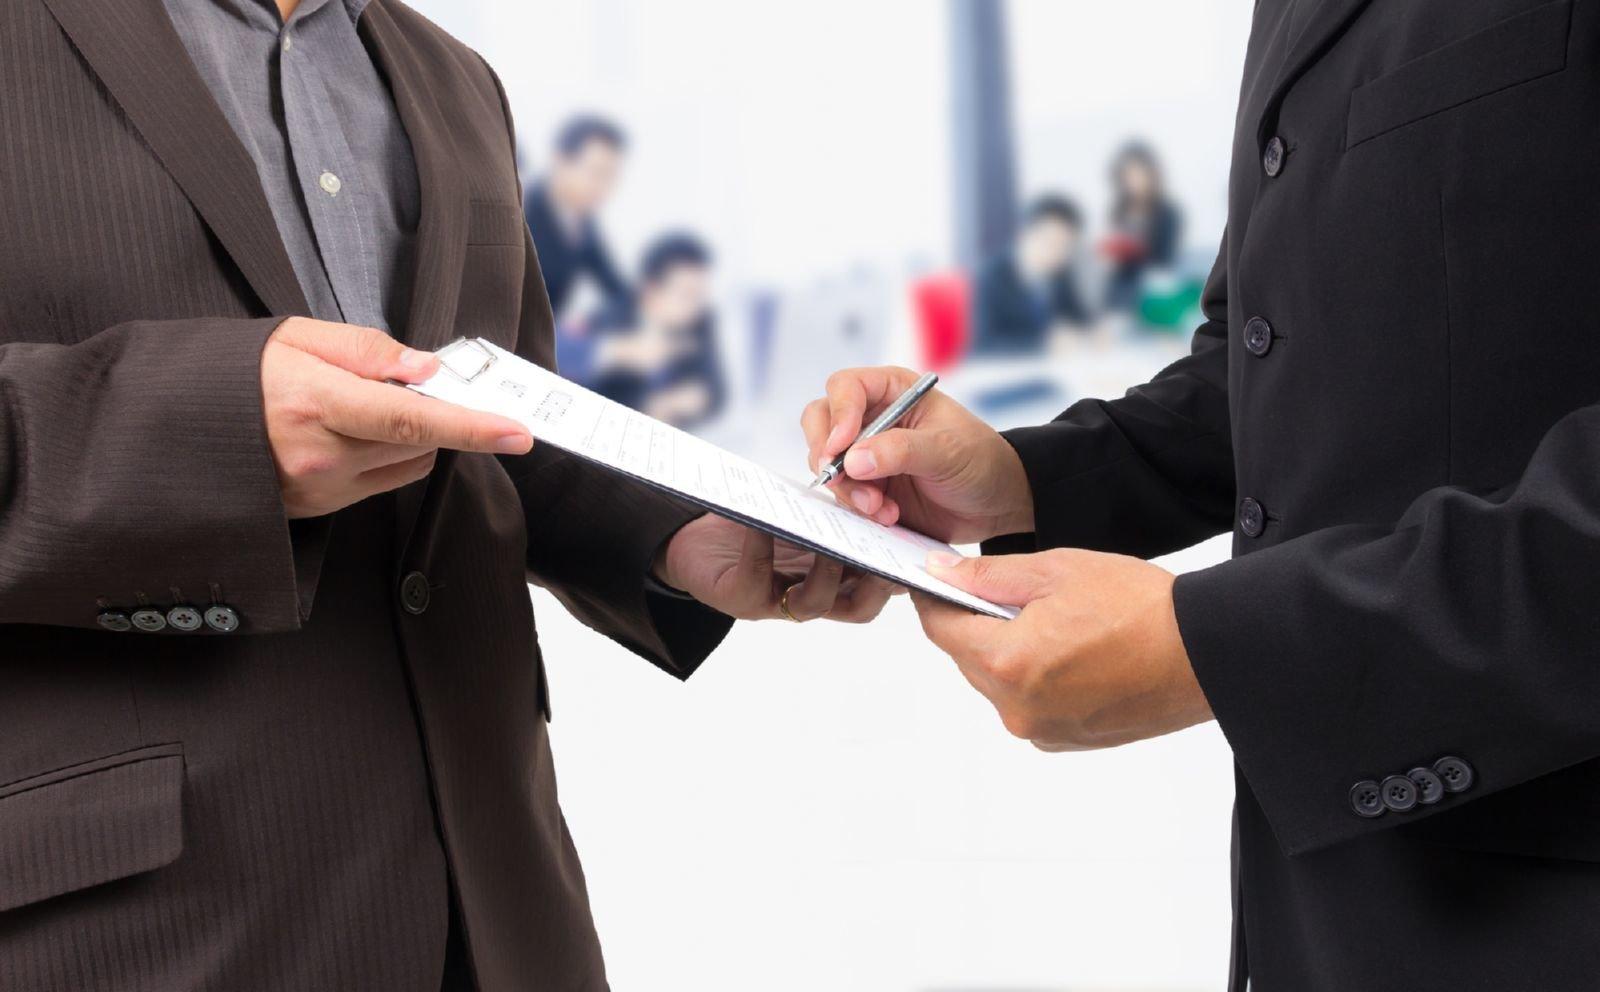 Дополнительное соглашение на совмещение должностей